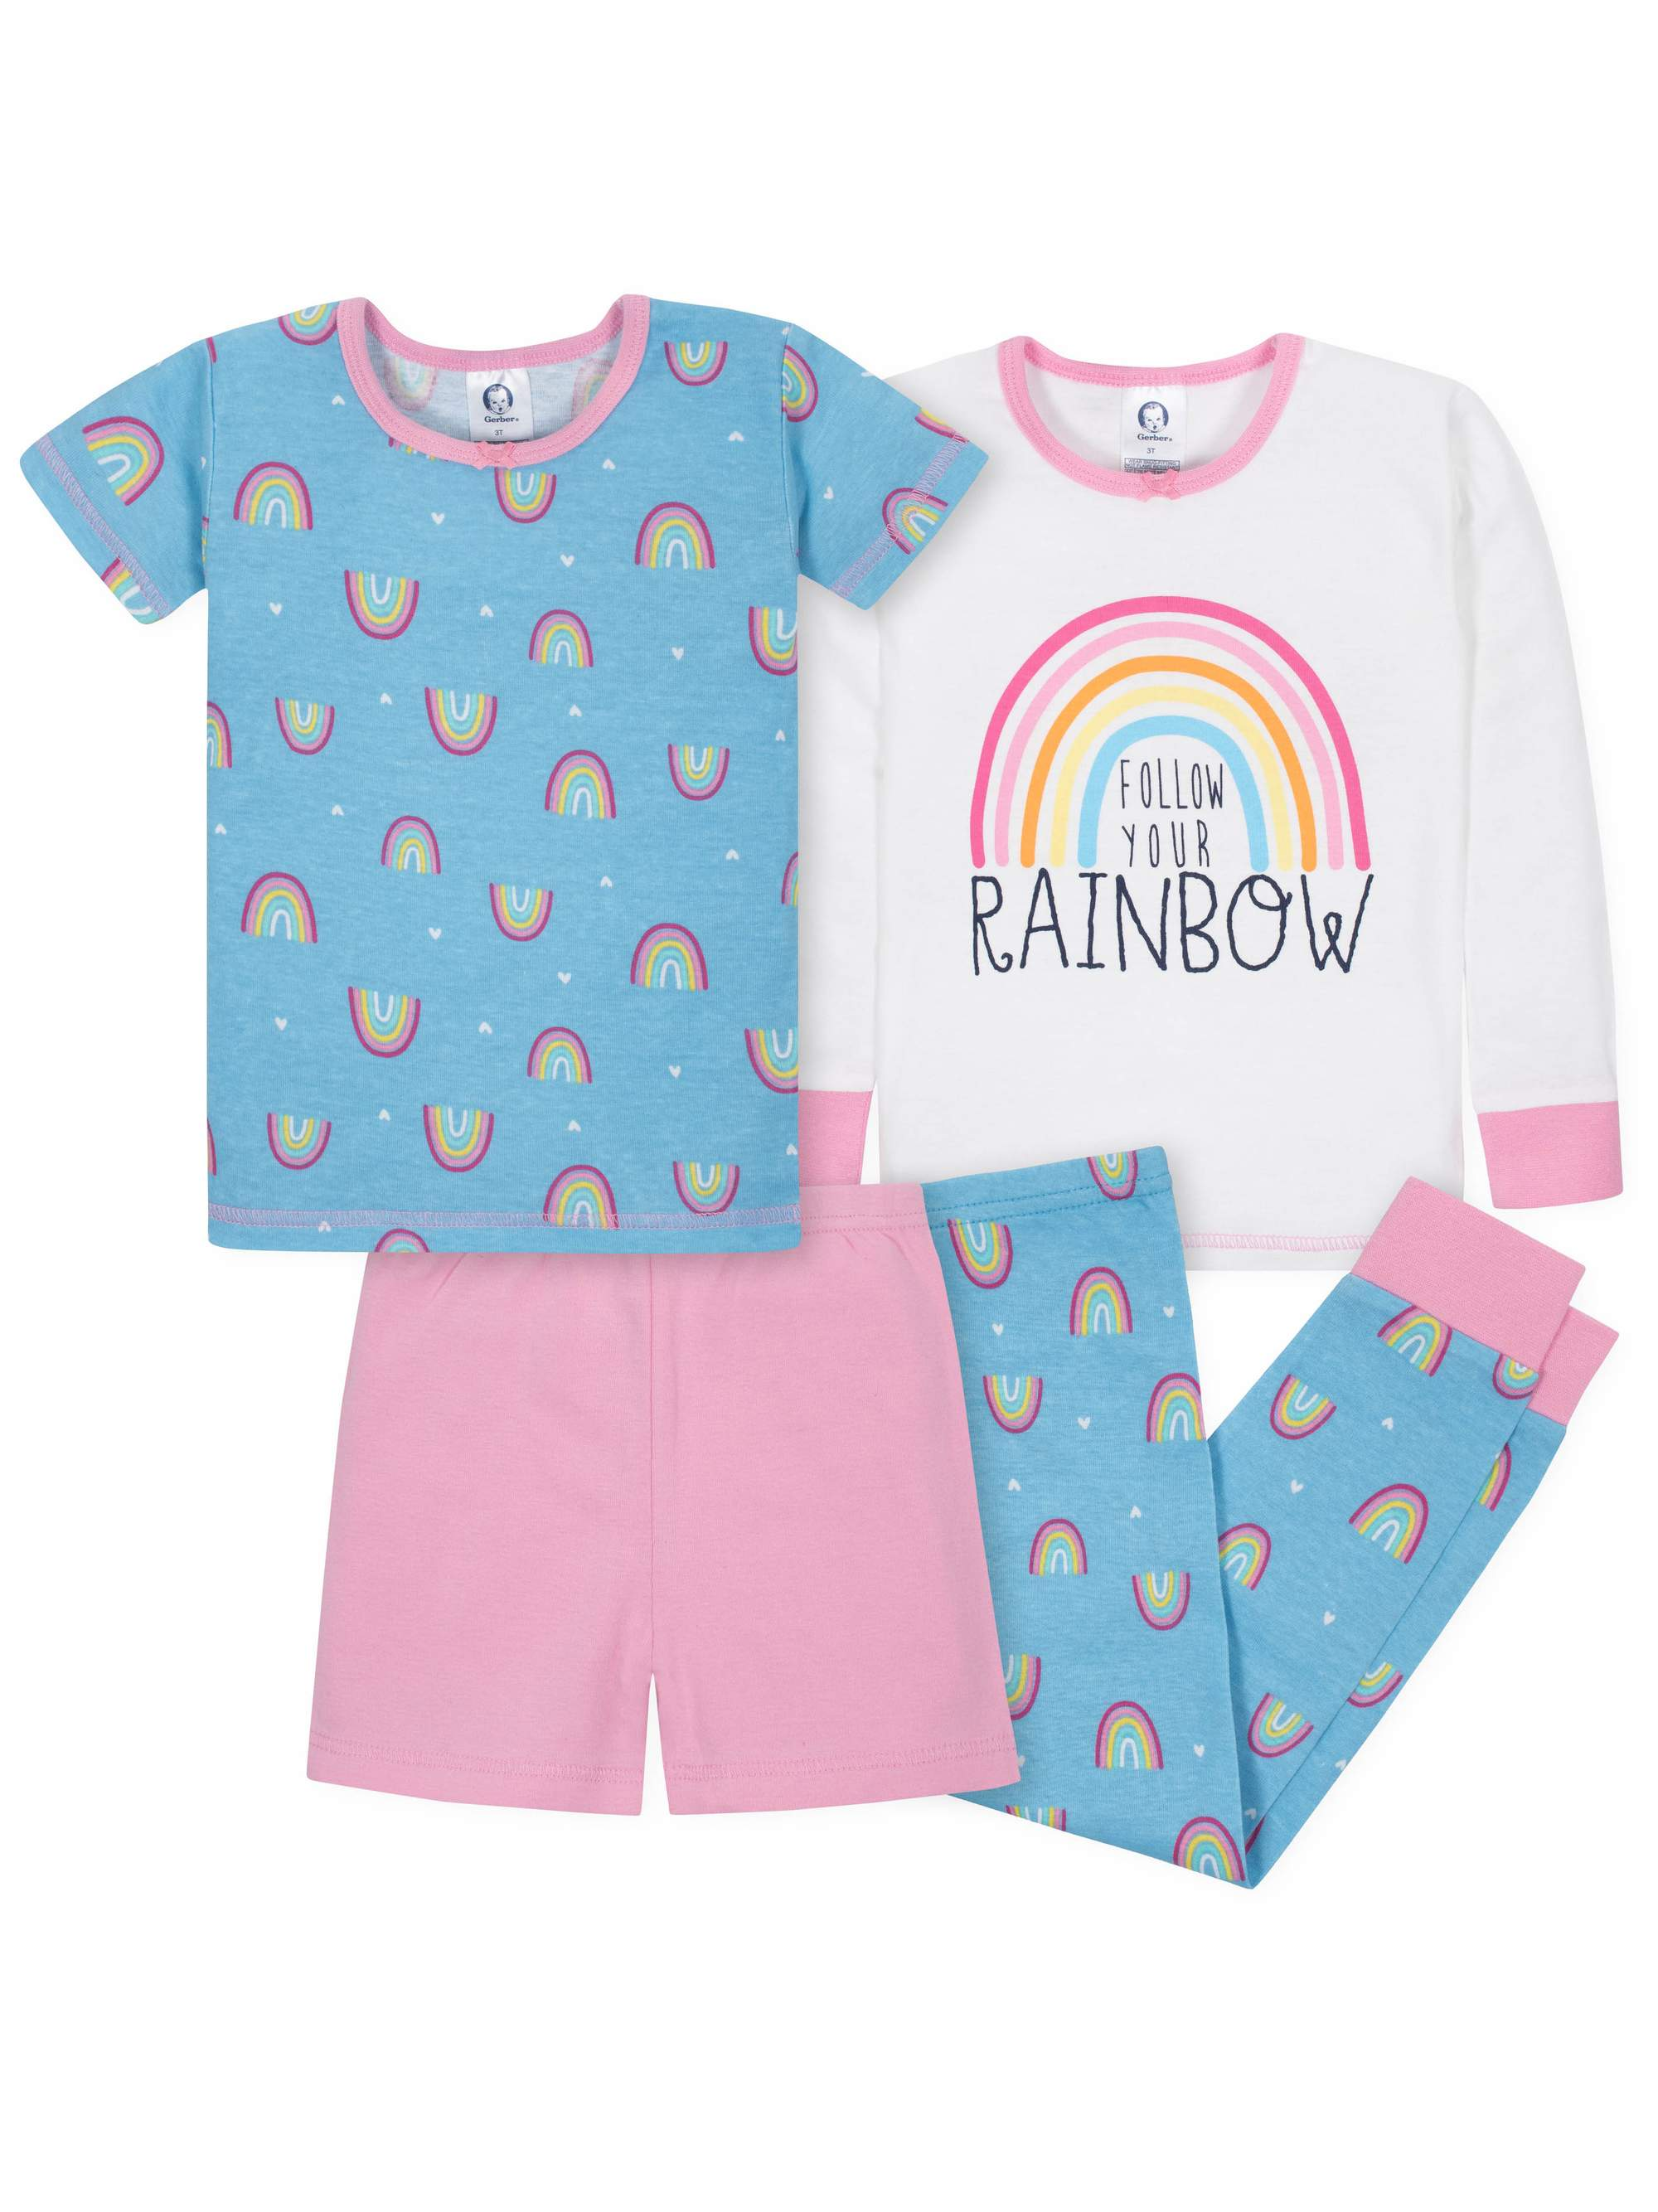 Mix N Match Tight-Fit Cotton Pajamas, 4pc Set (Baby Girls & Toddler Girls)